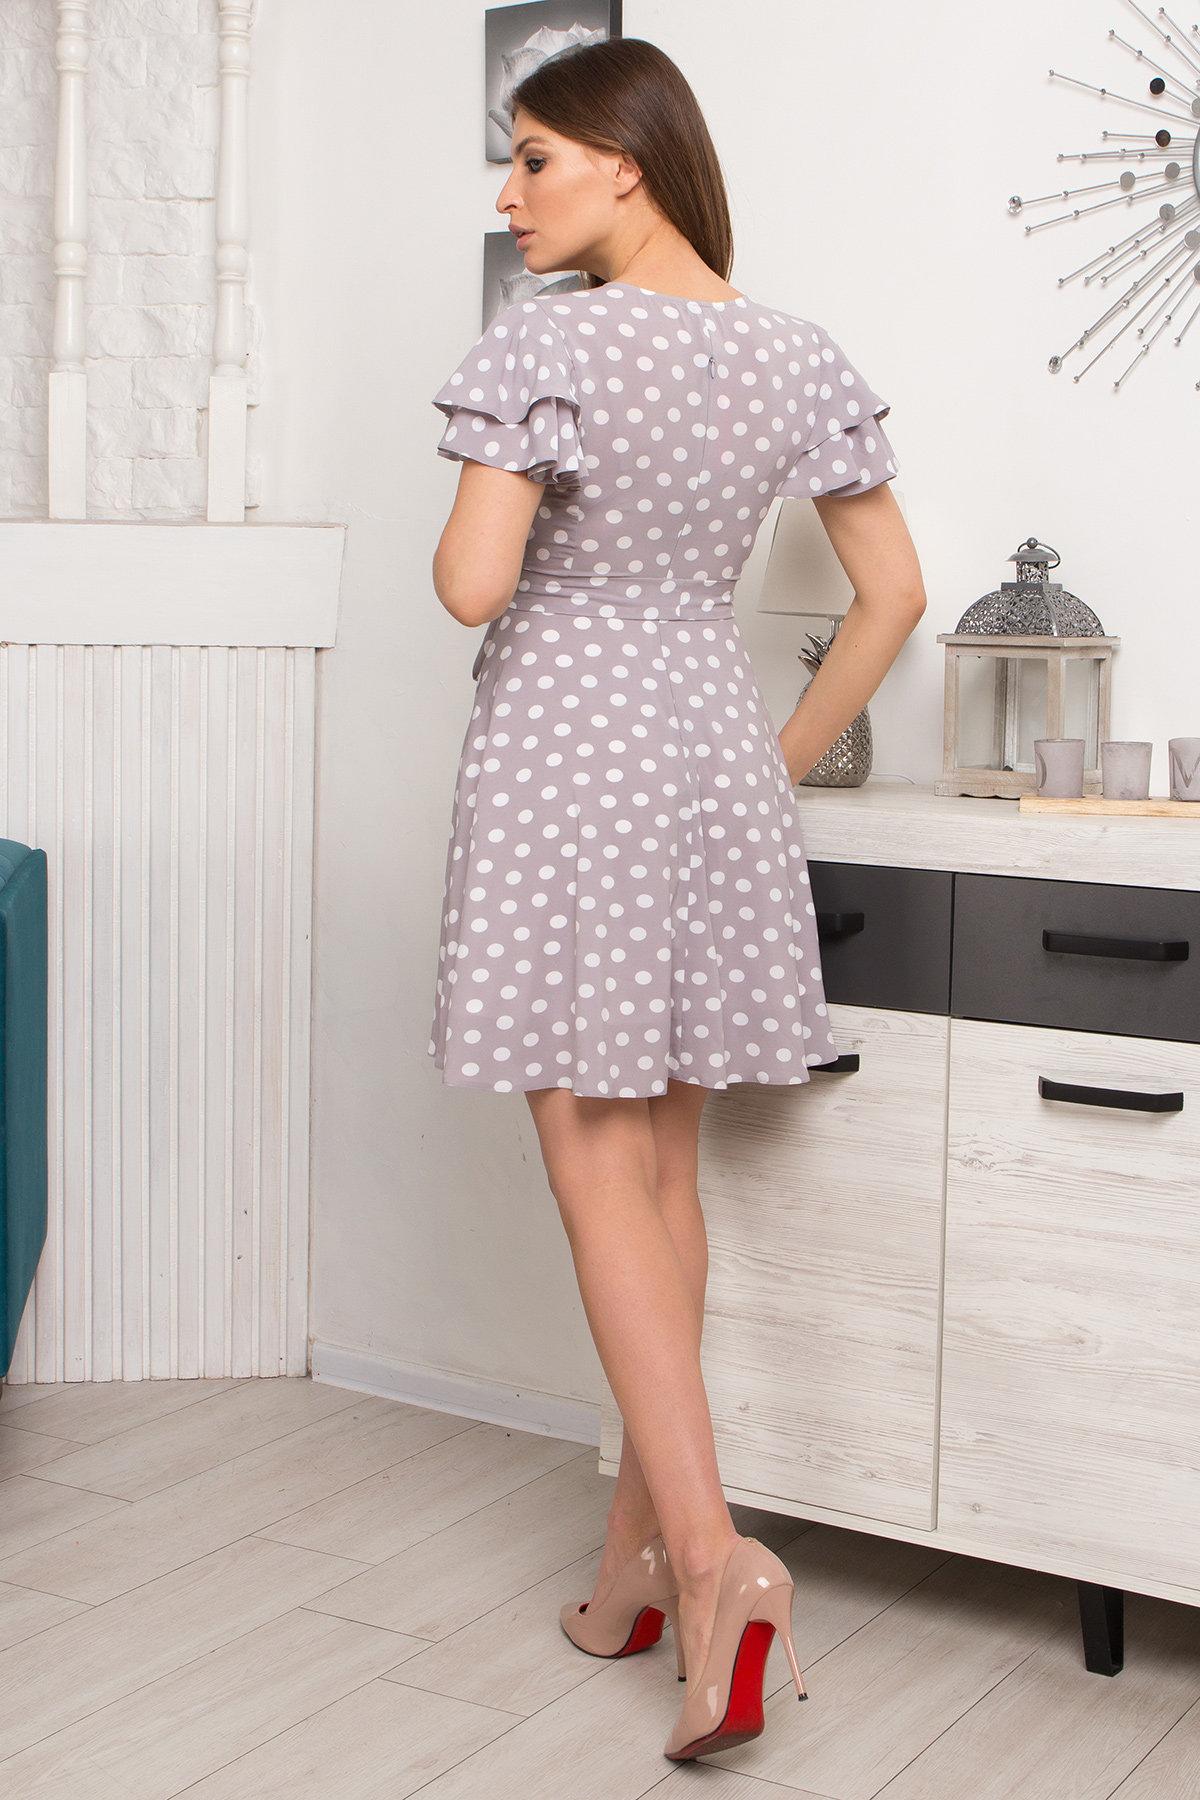 Платье Милея 9072 АРТ. 45397 Цвет: Серый/молоко горох - фото 4, интернет магазин tm-modus.ru